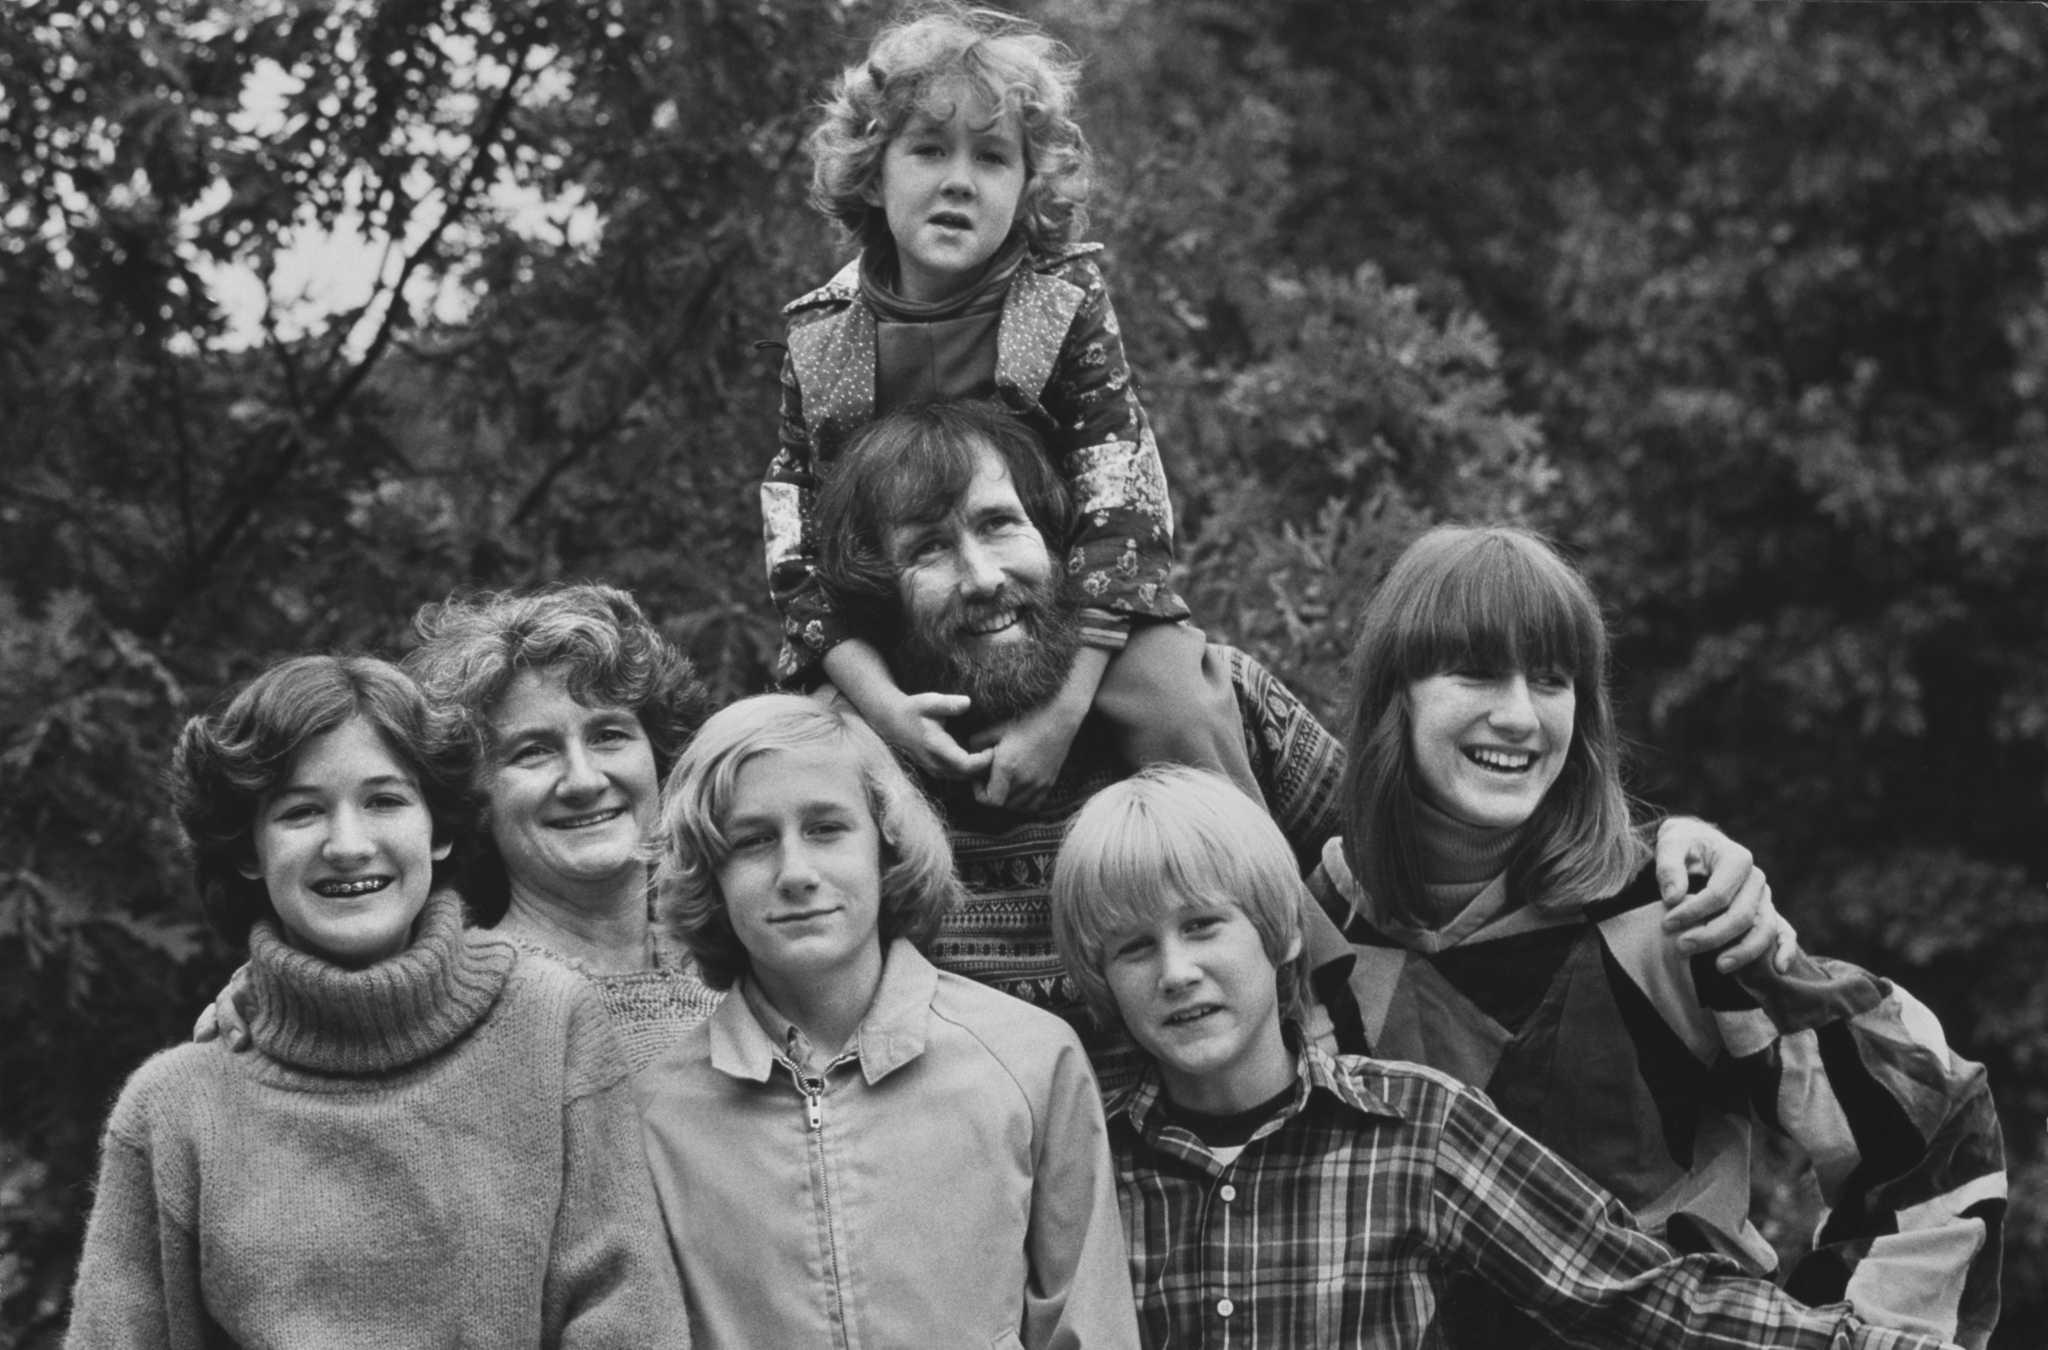 Jim Henson family